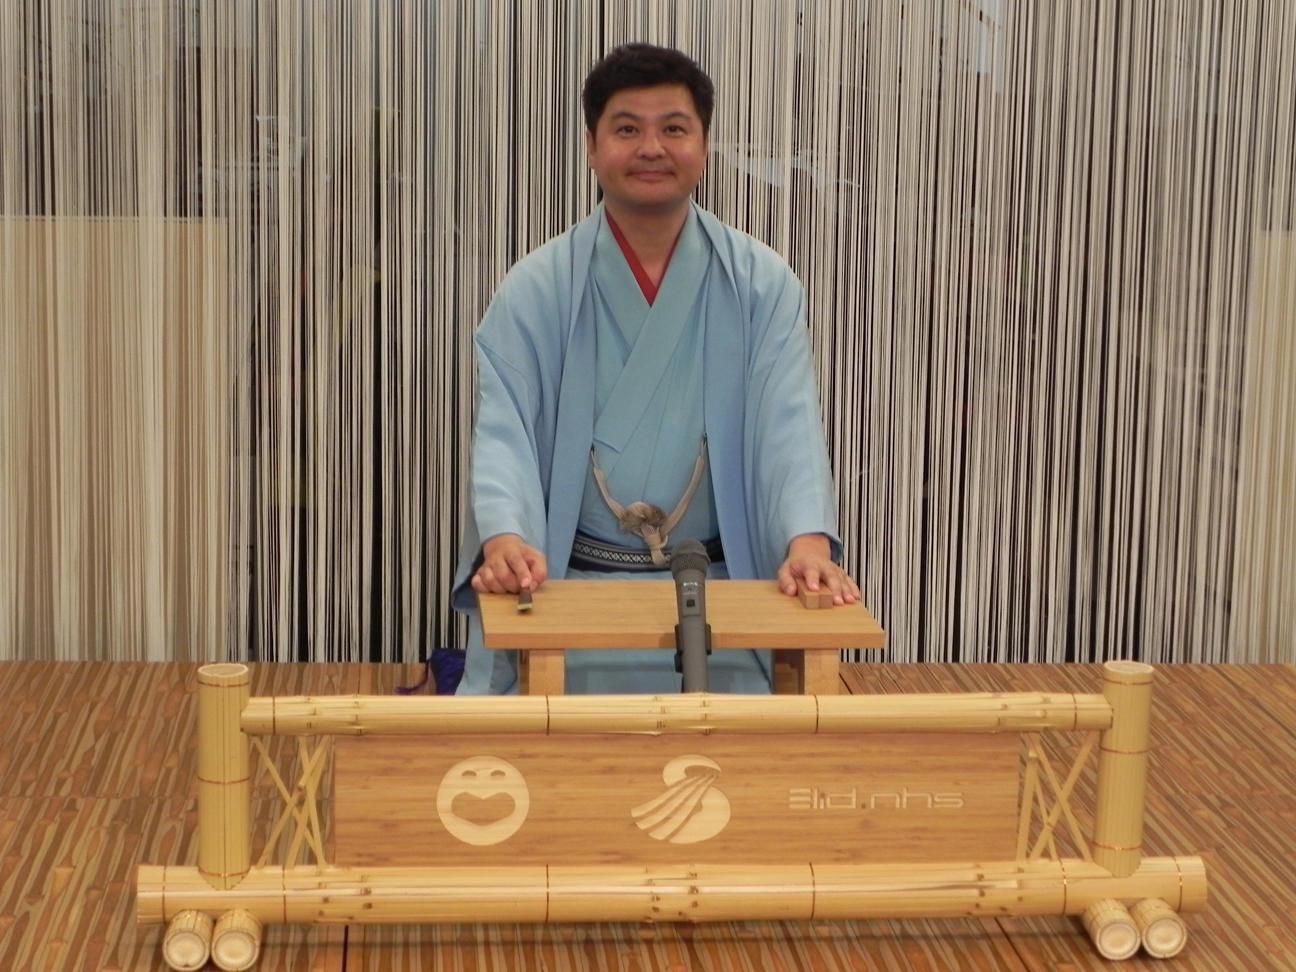 http://news.yoshimoto.co.jp/20170728213505-1c4e7484abf3d1fa8daef717faa6a3a73d0d5dfd.jpg